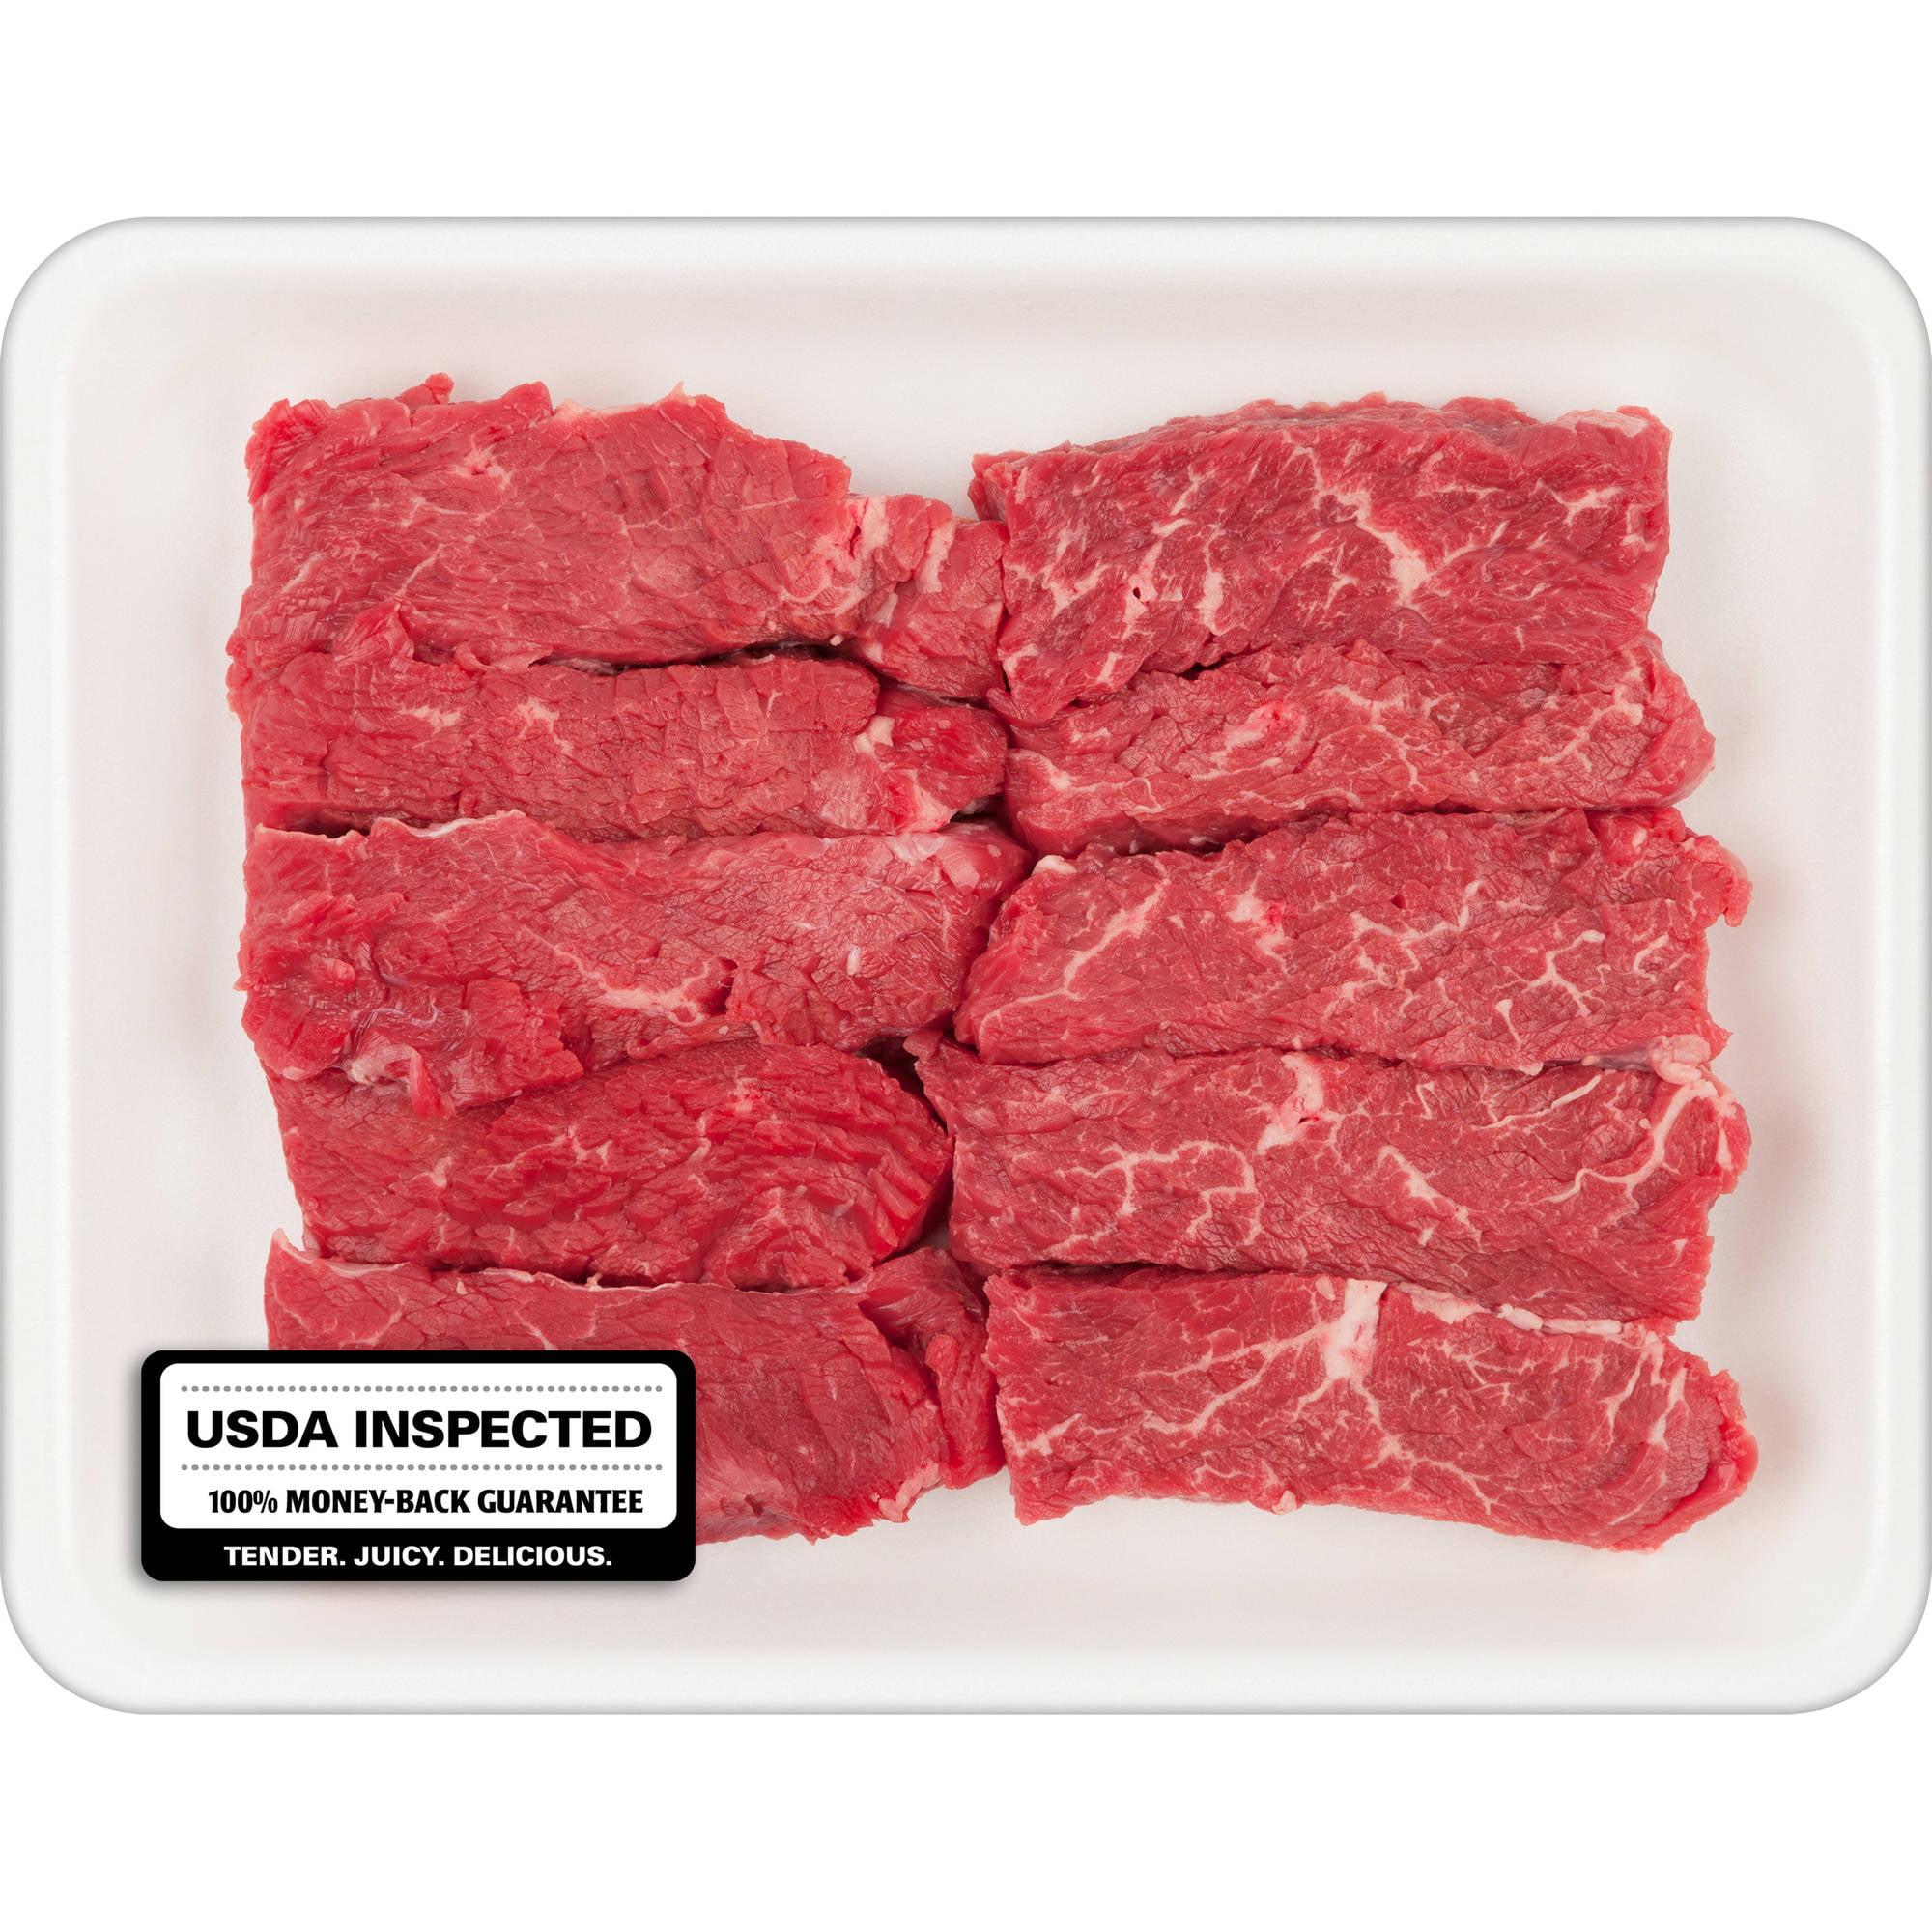 Beef Sirloin Steak Tips 1.54-2.47 lb